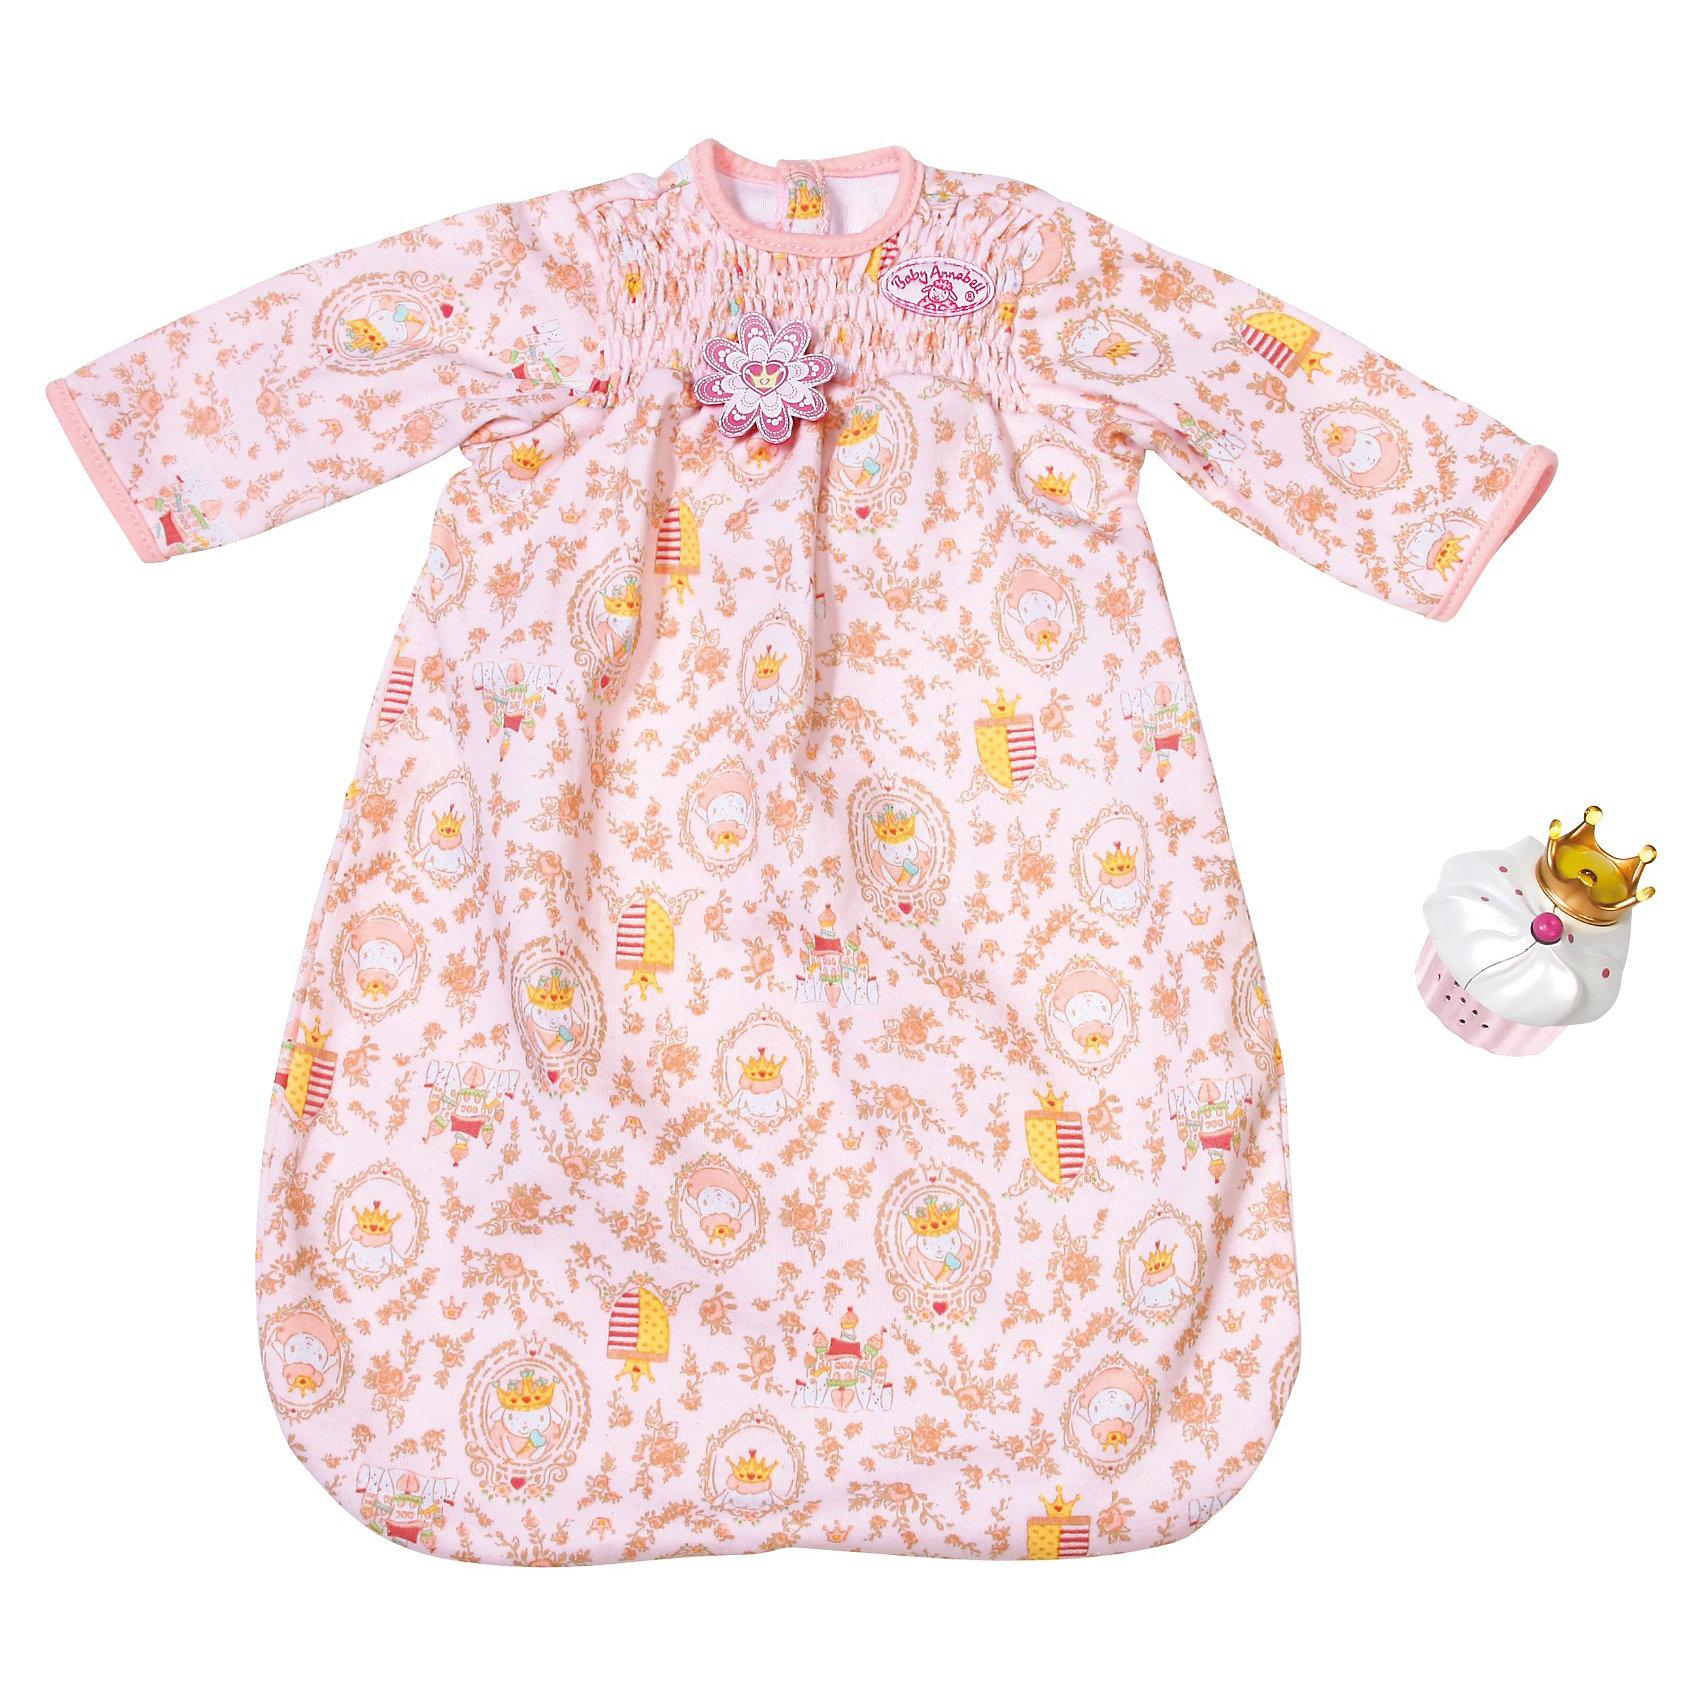 Baby Annabell Спальный набор для принцессы